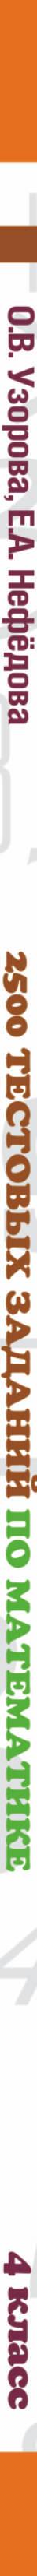 О. В. Узорова, Е. А. Нефедова. 2500 тестовых заданий по математике. 4 класс. Все темы. Все варианты заданий. Крупный шрифт